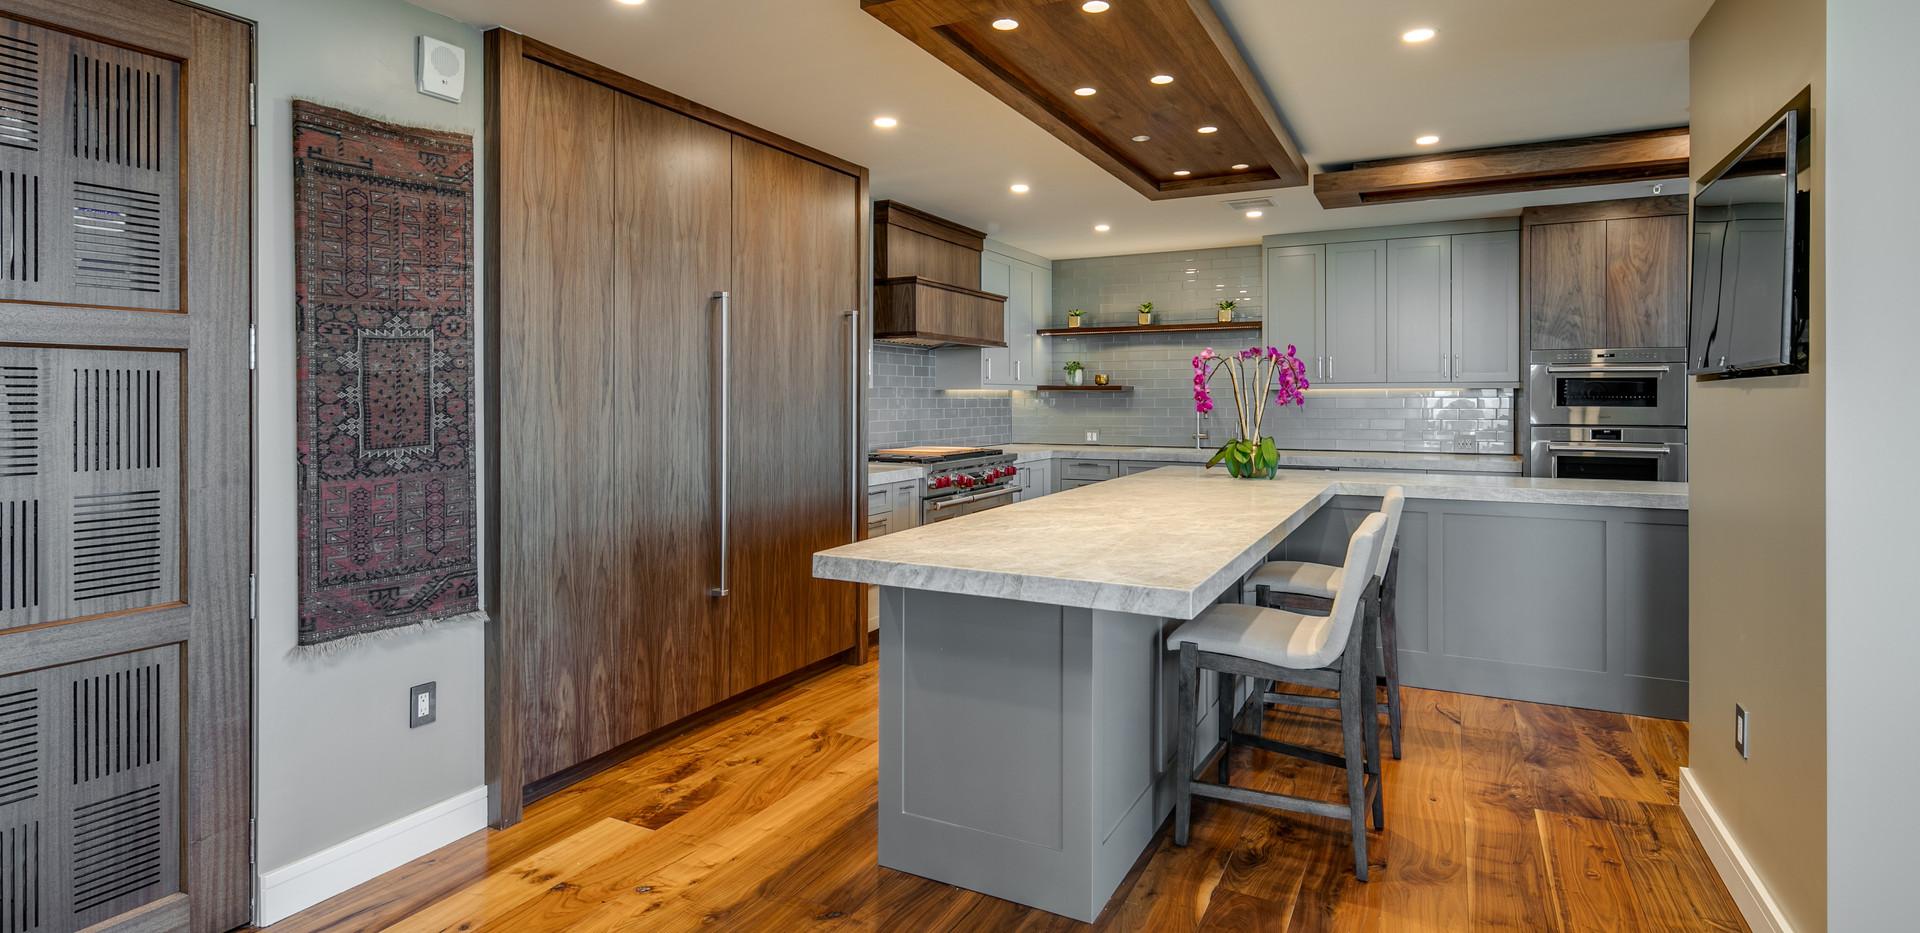 18-Kitchen Two-12.jpg